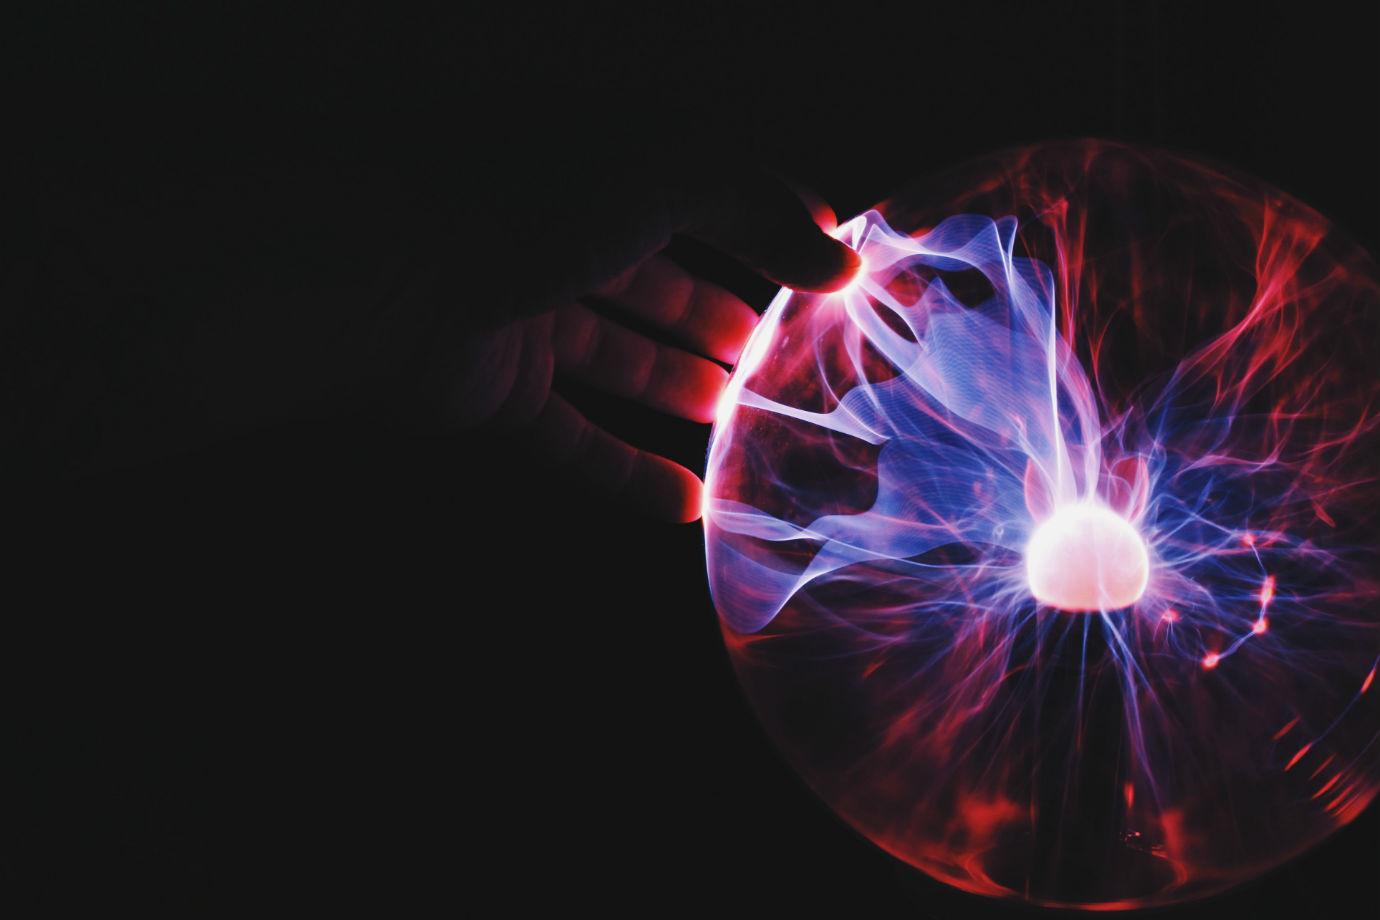 Bola de energia estática_Ramón Salinero_Unsplash